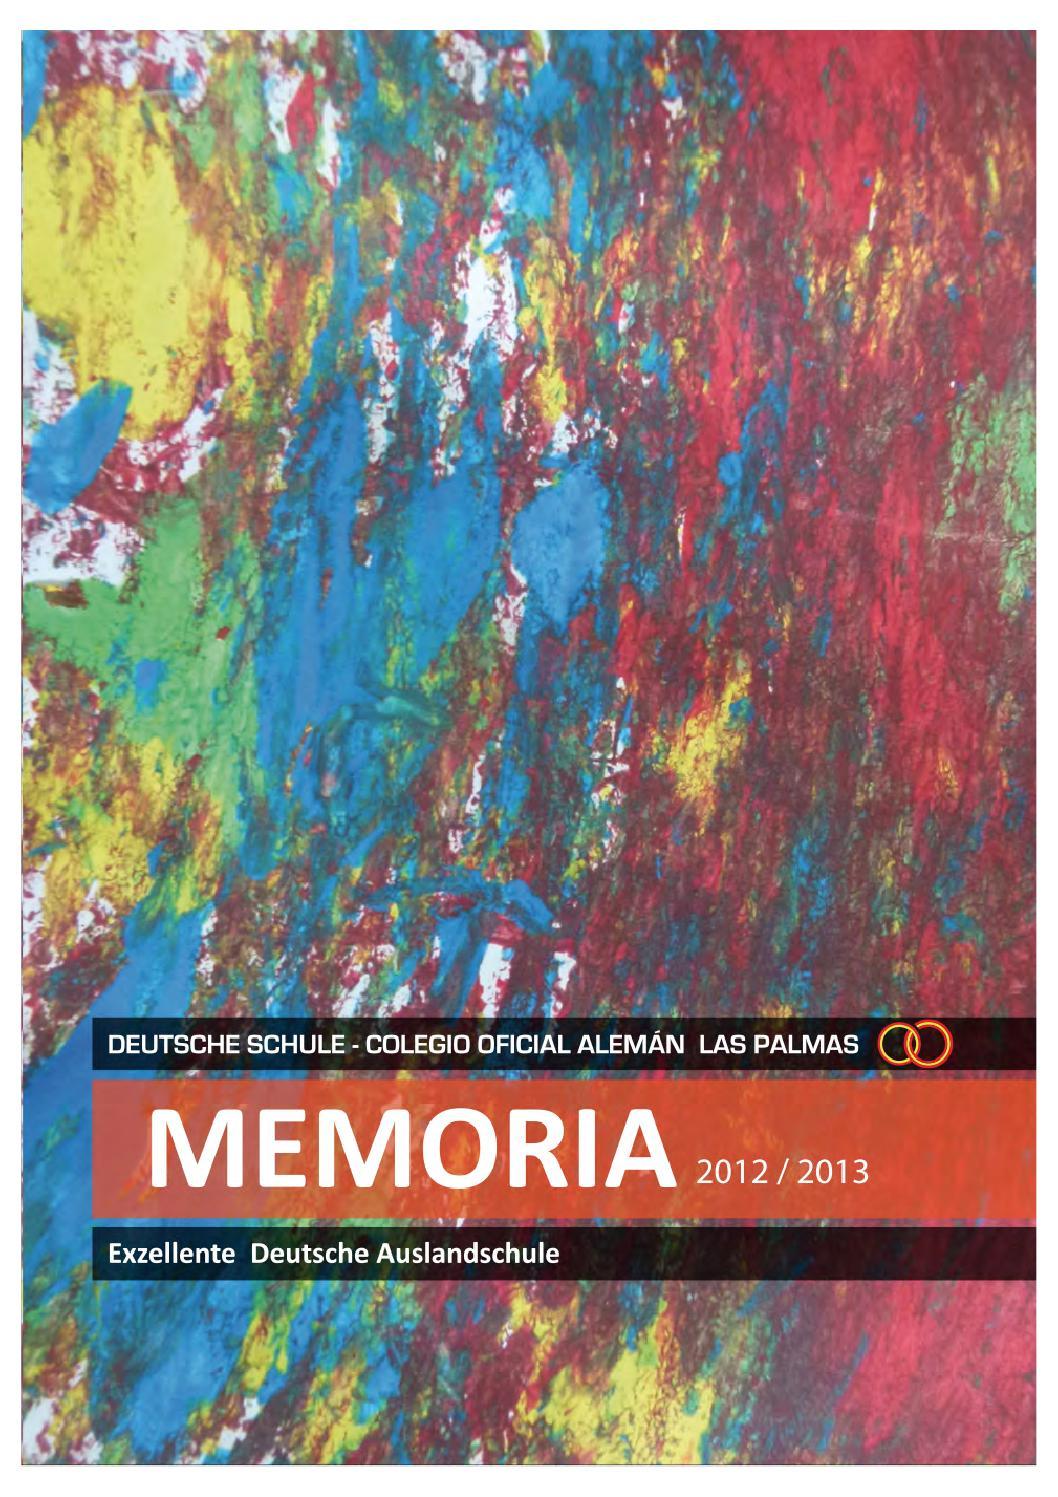 Deutsche Schule Las Palmas Memoria 2012 13 By Dslpa Issuu